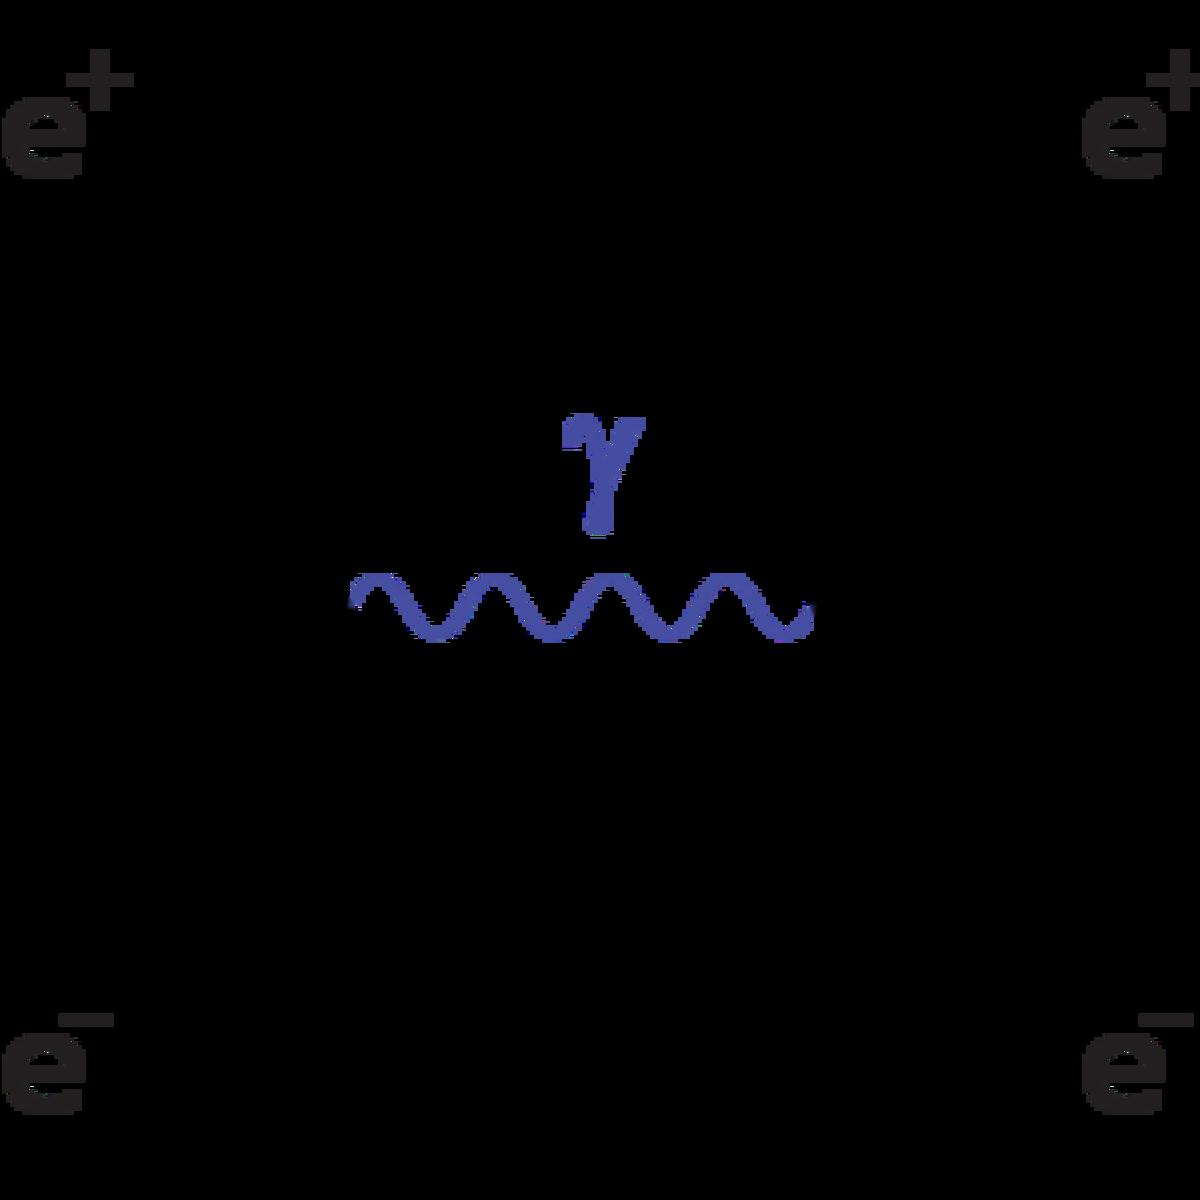 Diagram 2: electron-positron annihilation